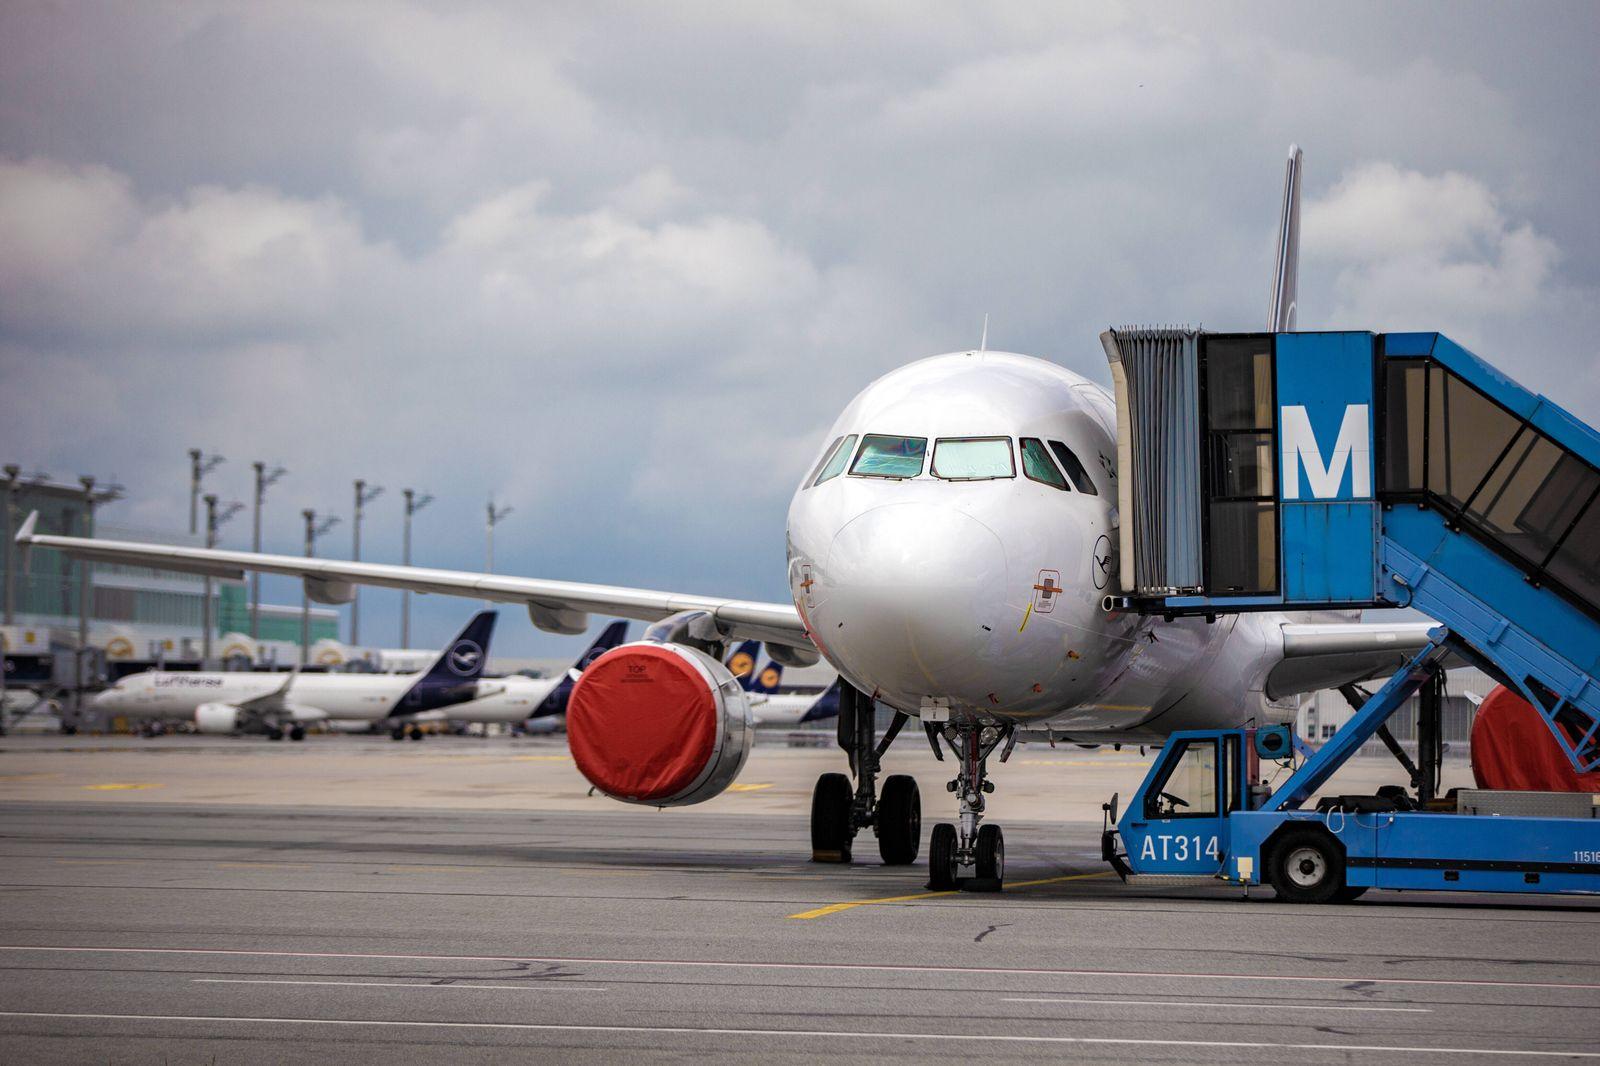 Maschinen Flugzeuge der Lufthansa Kranich stehen am Flughafen in München am Boden. Bei der Airline sind nach der Corona